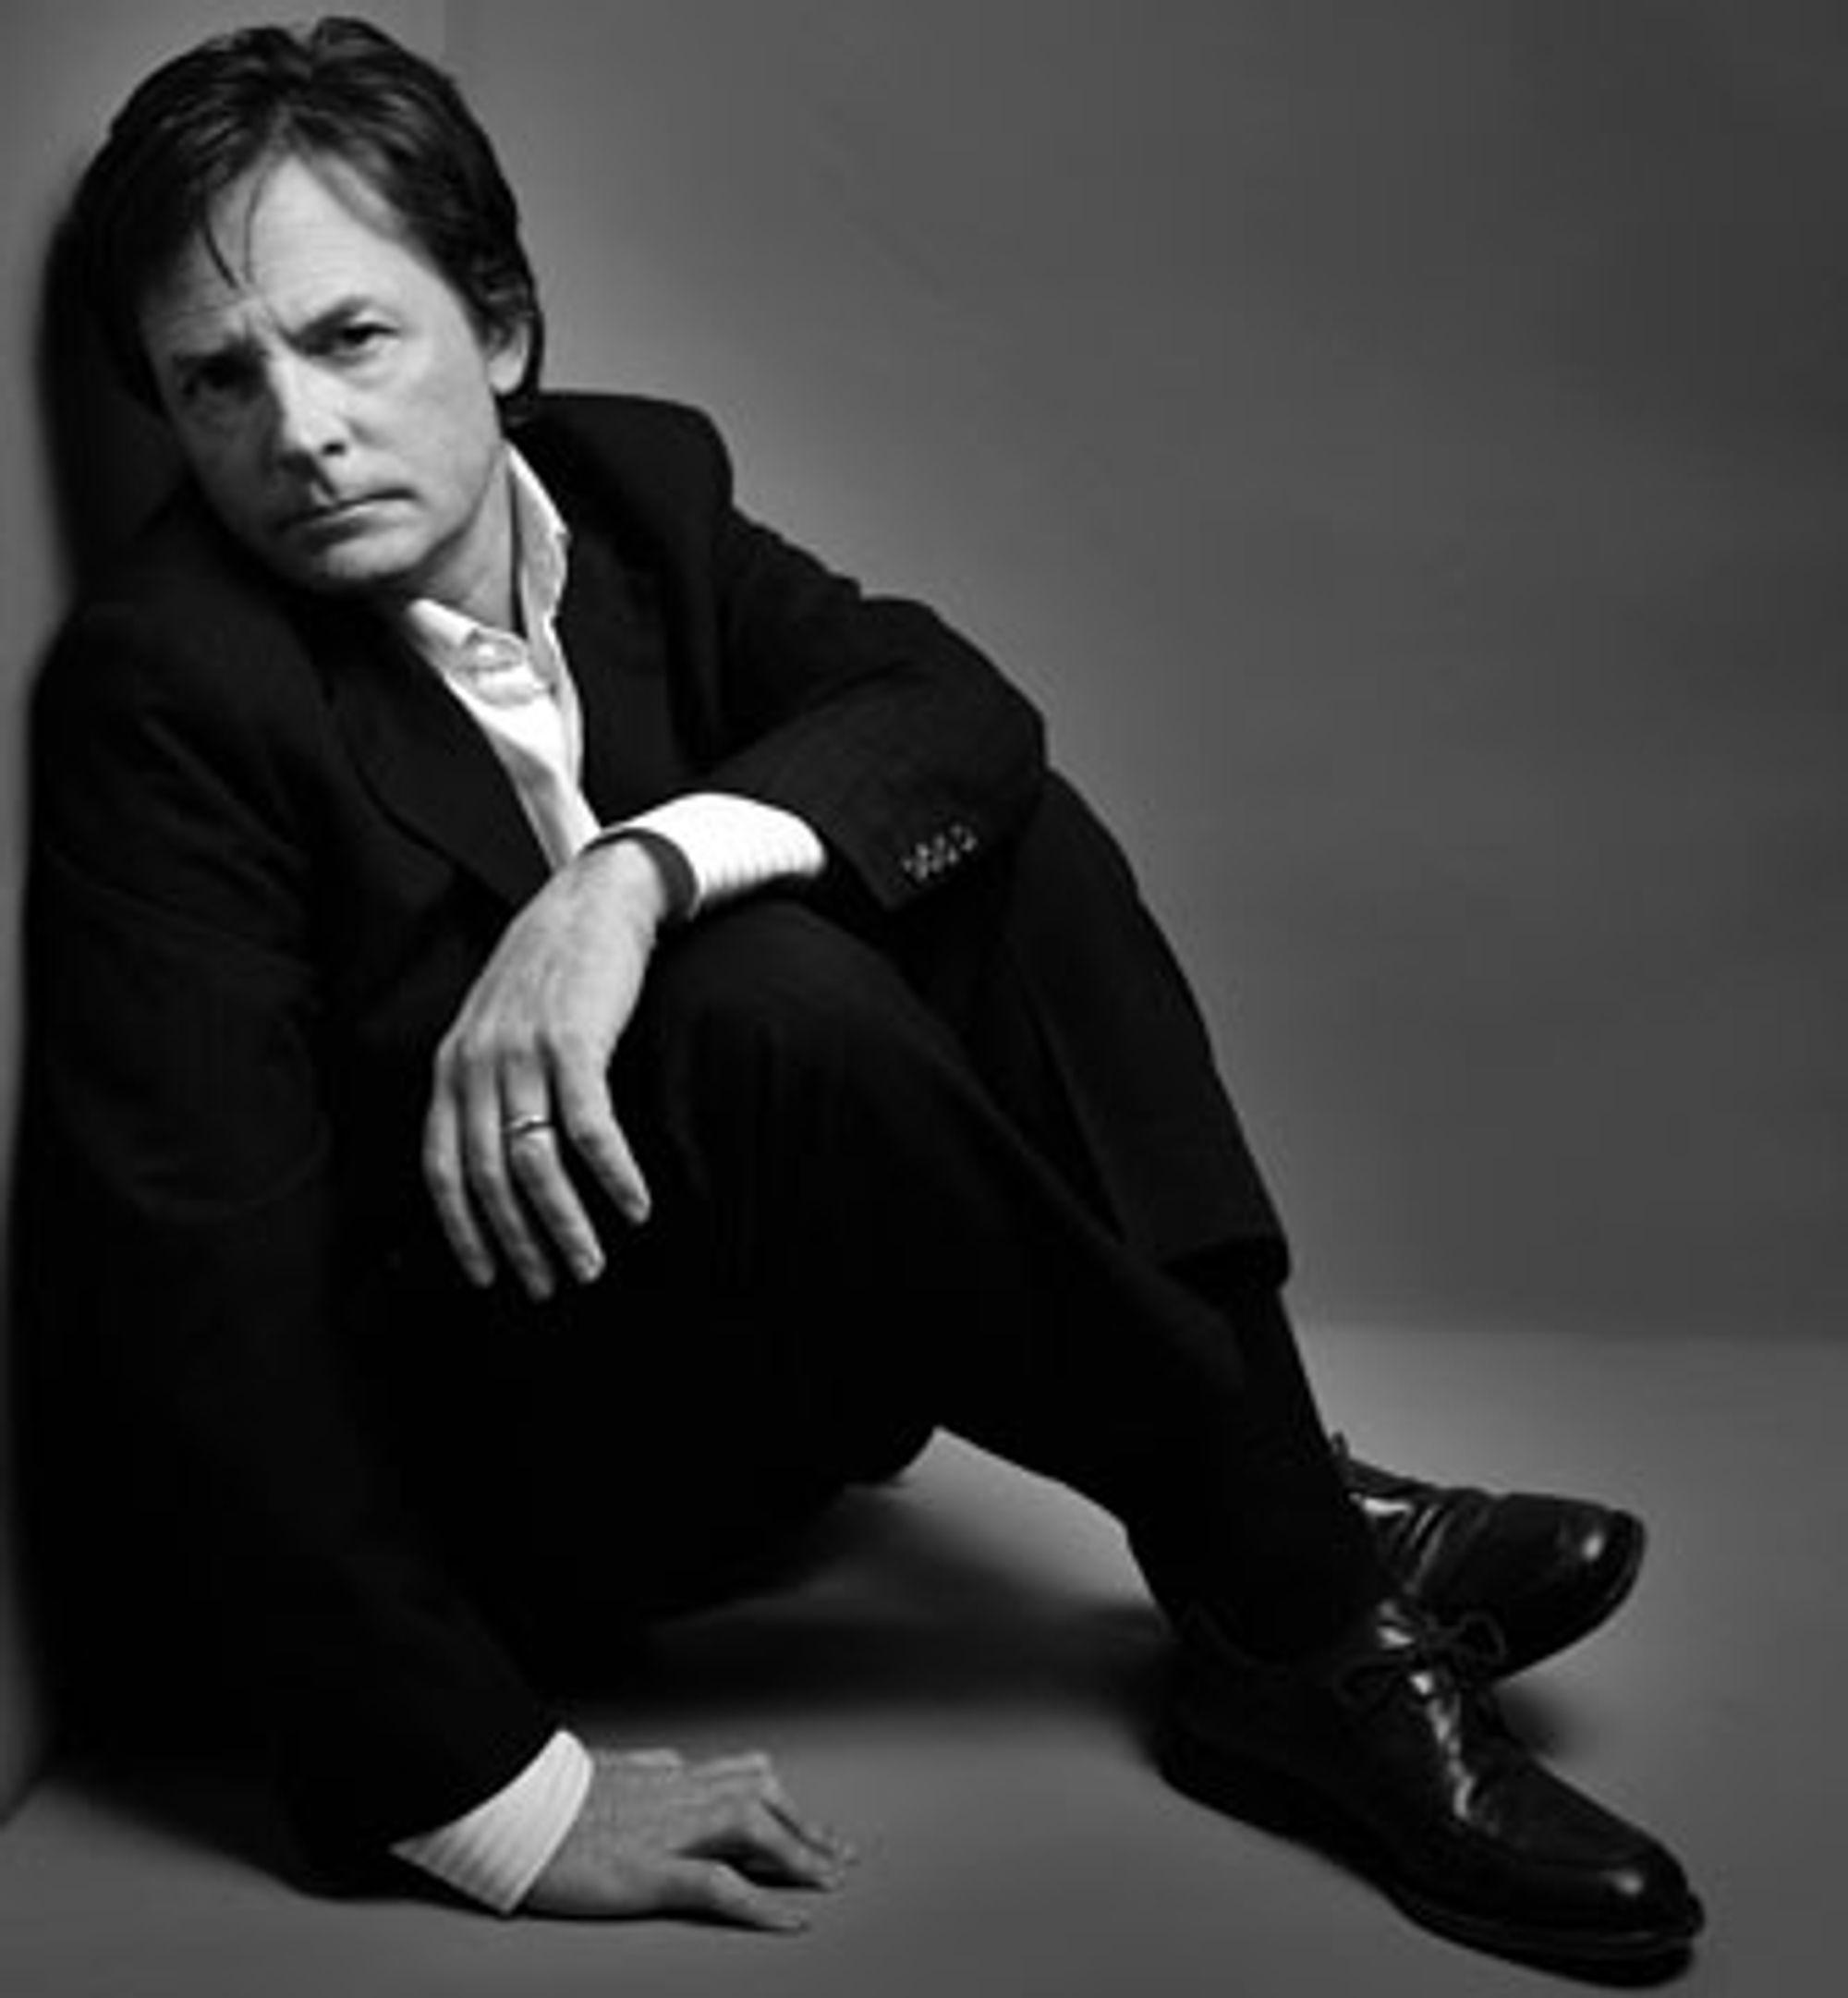 Michael J. Fox vender tilbake til underholdningsbransjen.